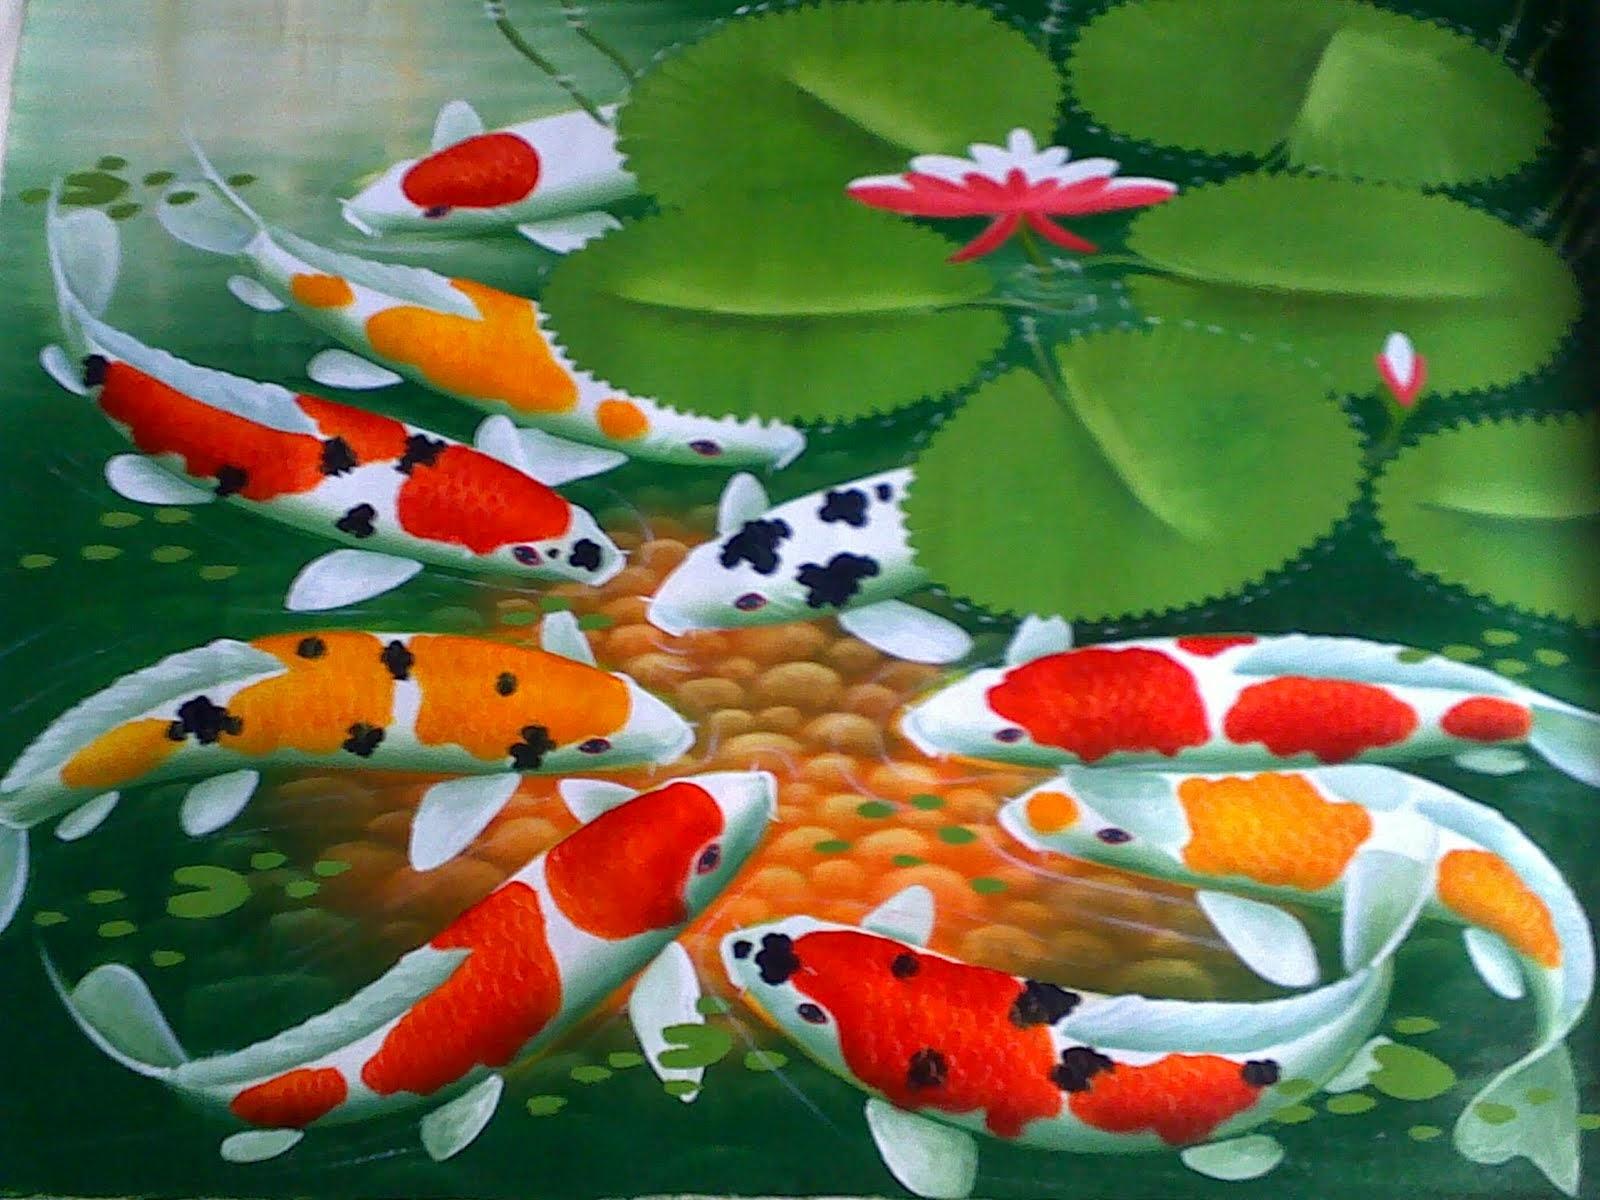 Makalah Morfologi,Taksonomi dan Klasifikasi Ikan Koi (Cyprinus carpio)